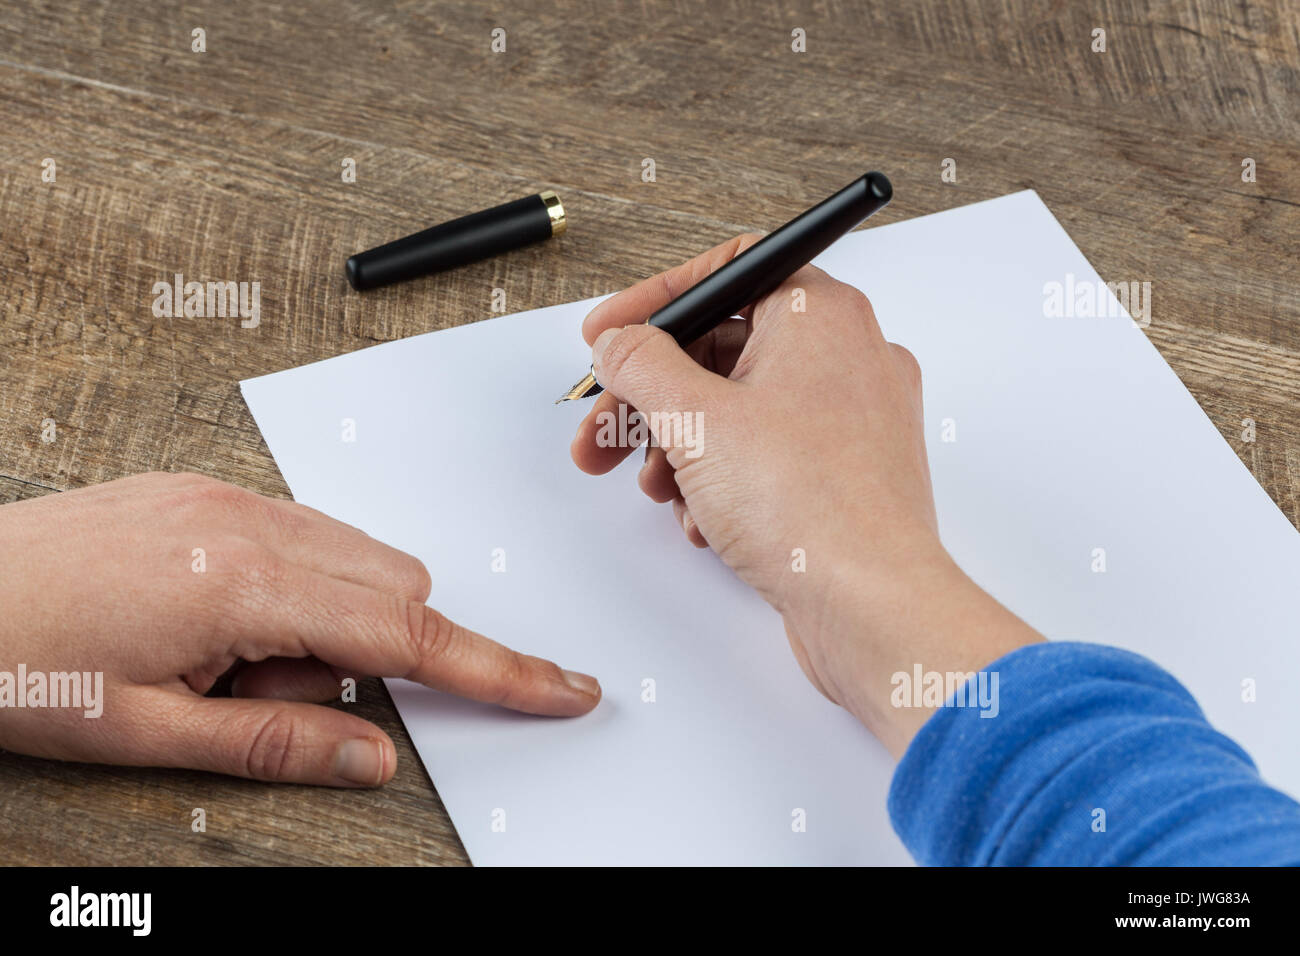 Femme hands holding stylo et feuille de papier blanc sur la table en bois Banque D'Images